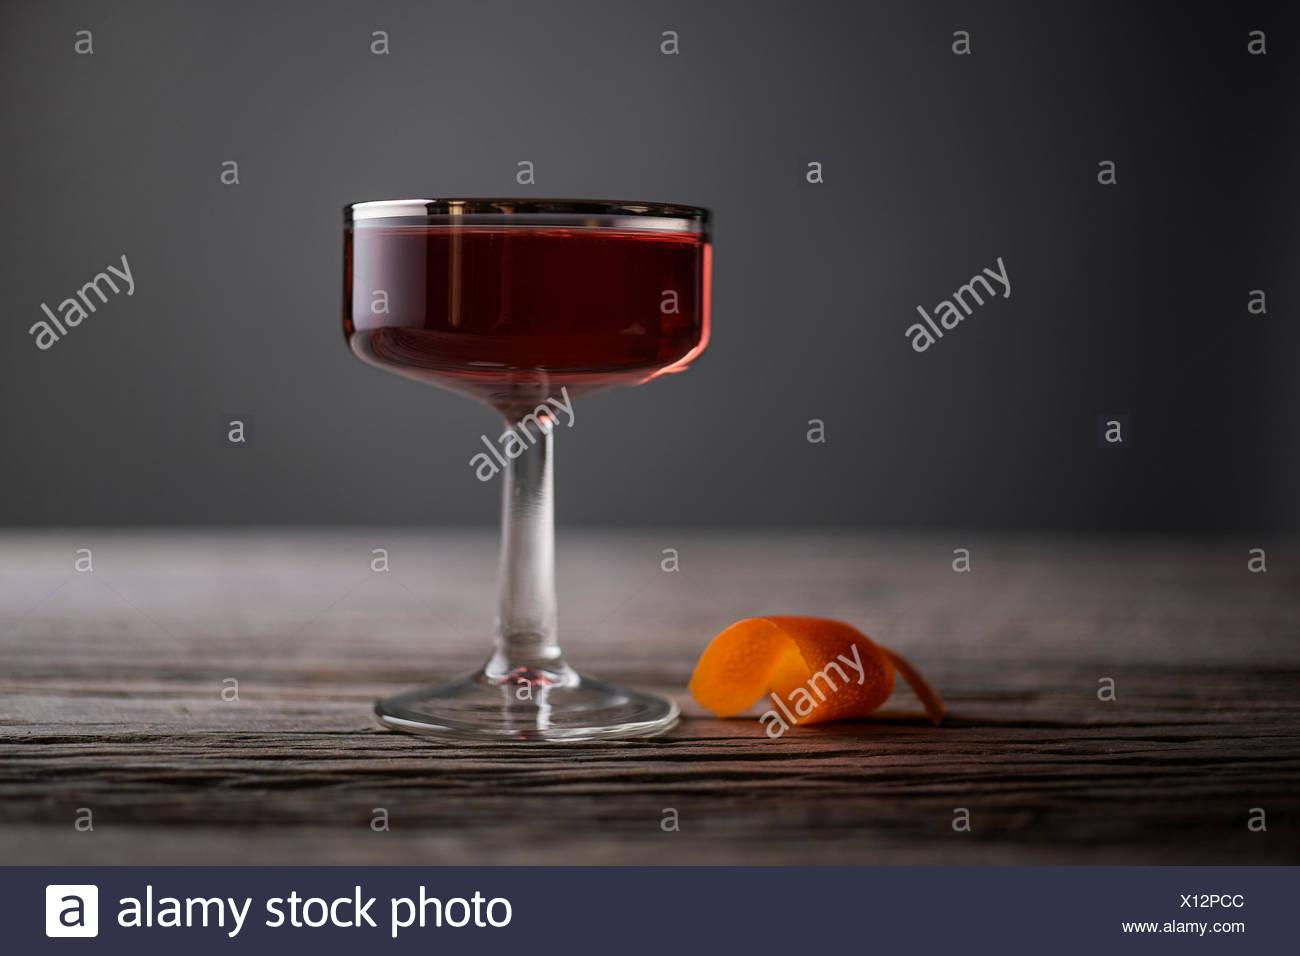 Anspruchsvolle Cocktail in einem Jahrgang, Silber ausgekleidet, coupé Glas mit Orange Peel auf einem urigen, grau Holz Oberfläche. Stockbild